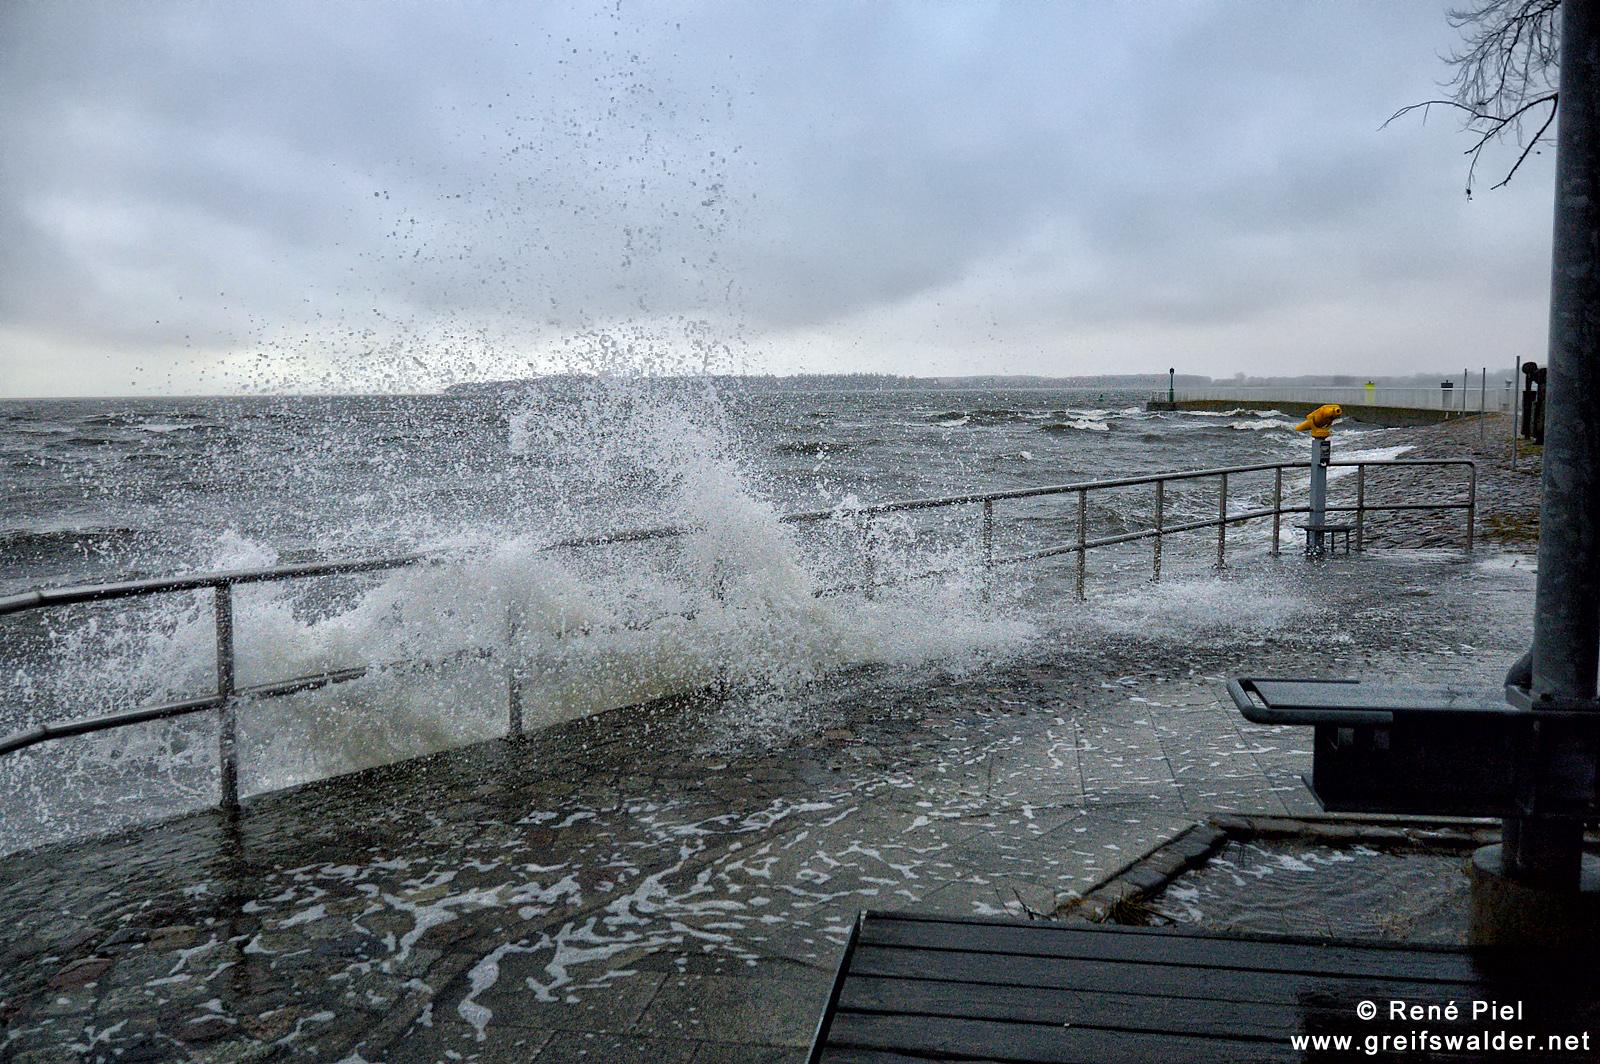 Erhöhter Wasserstand und stürmisch an der Mole in Greifswald-Wieck